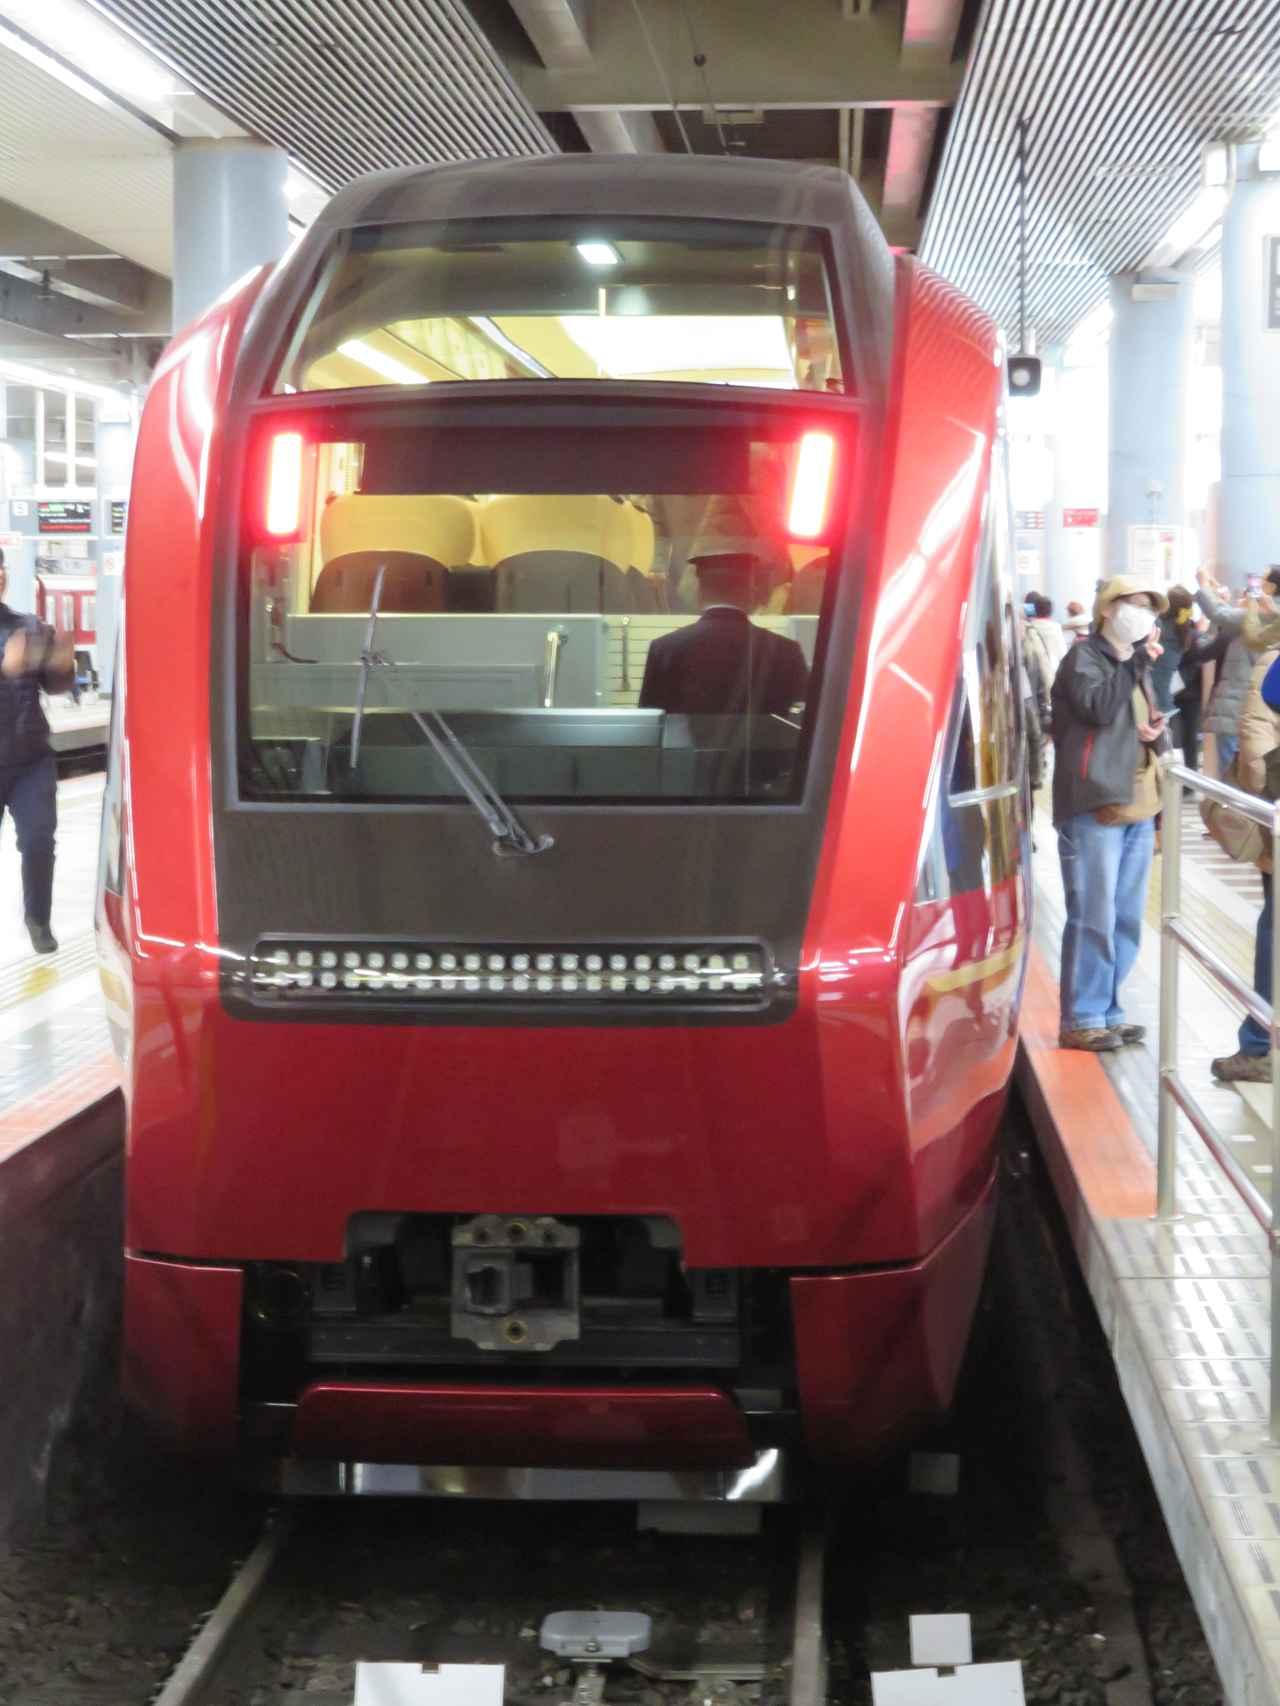 画像: (近鉄新型名阪特急「ひのとり」・イメージ/櫻井撮影)※今回のツアーでは乗車しません。